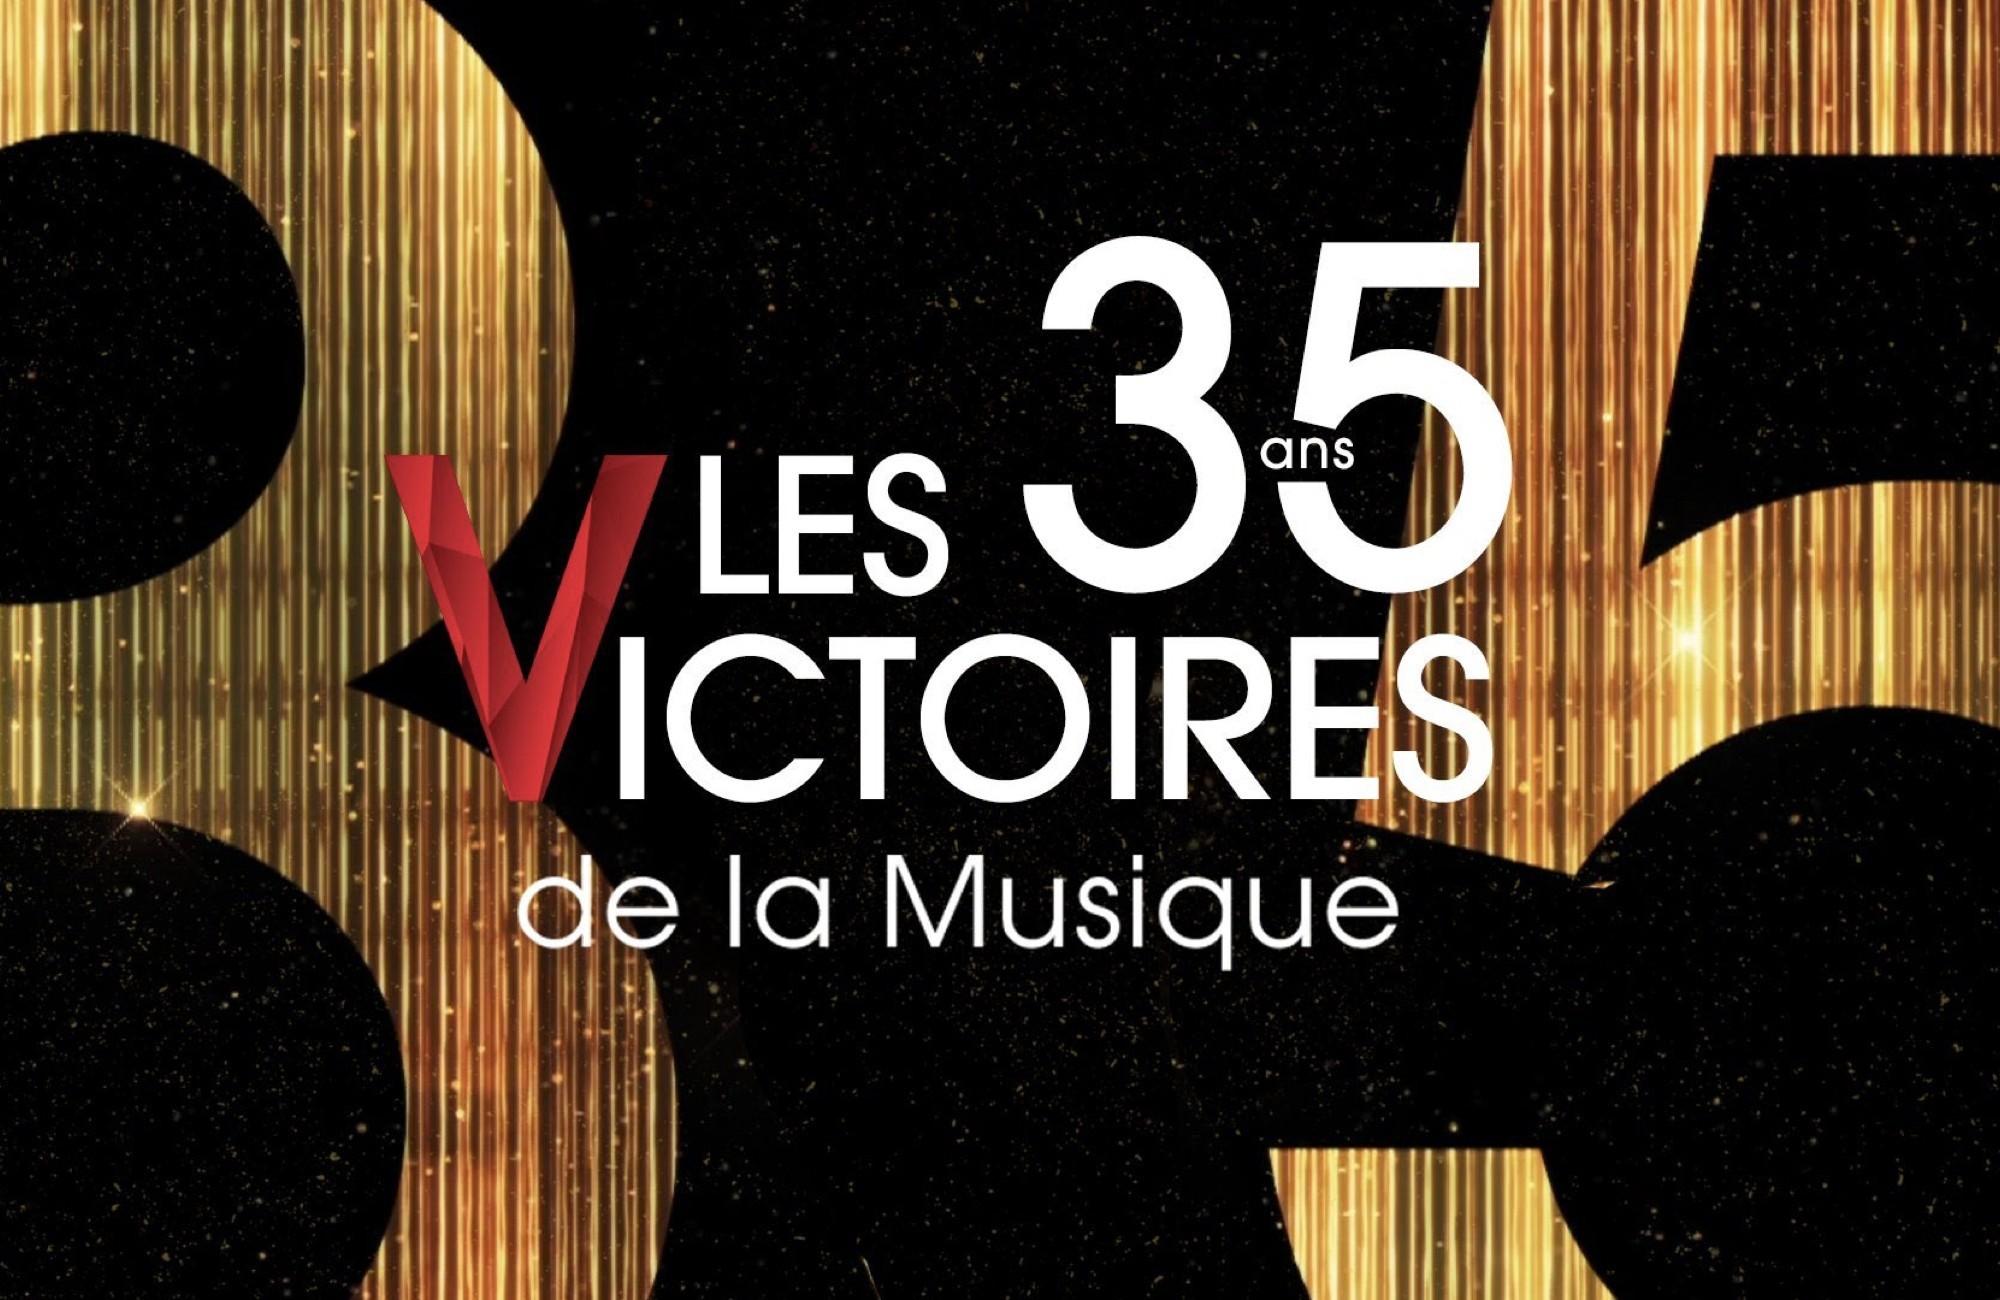 35 Victoires de la Musique-Visuel-ParisBazaar